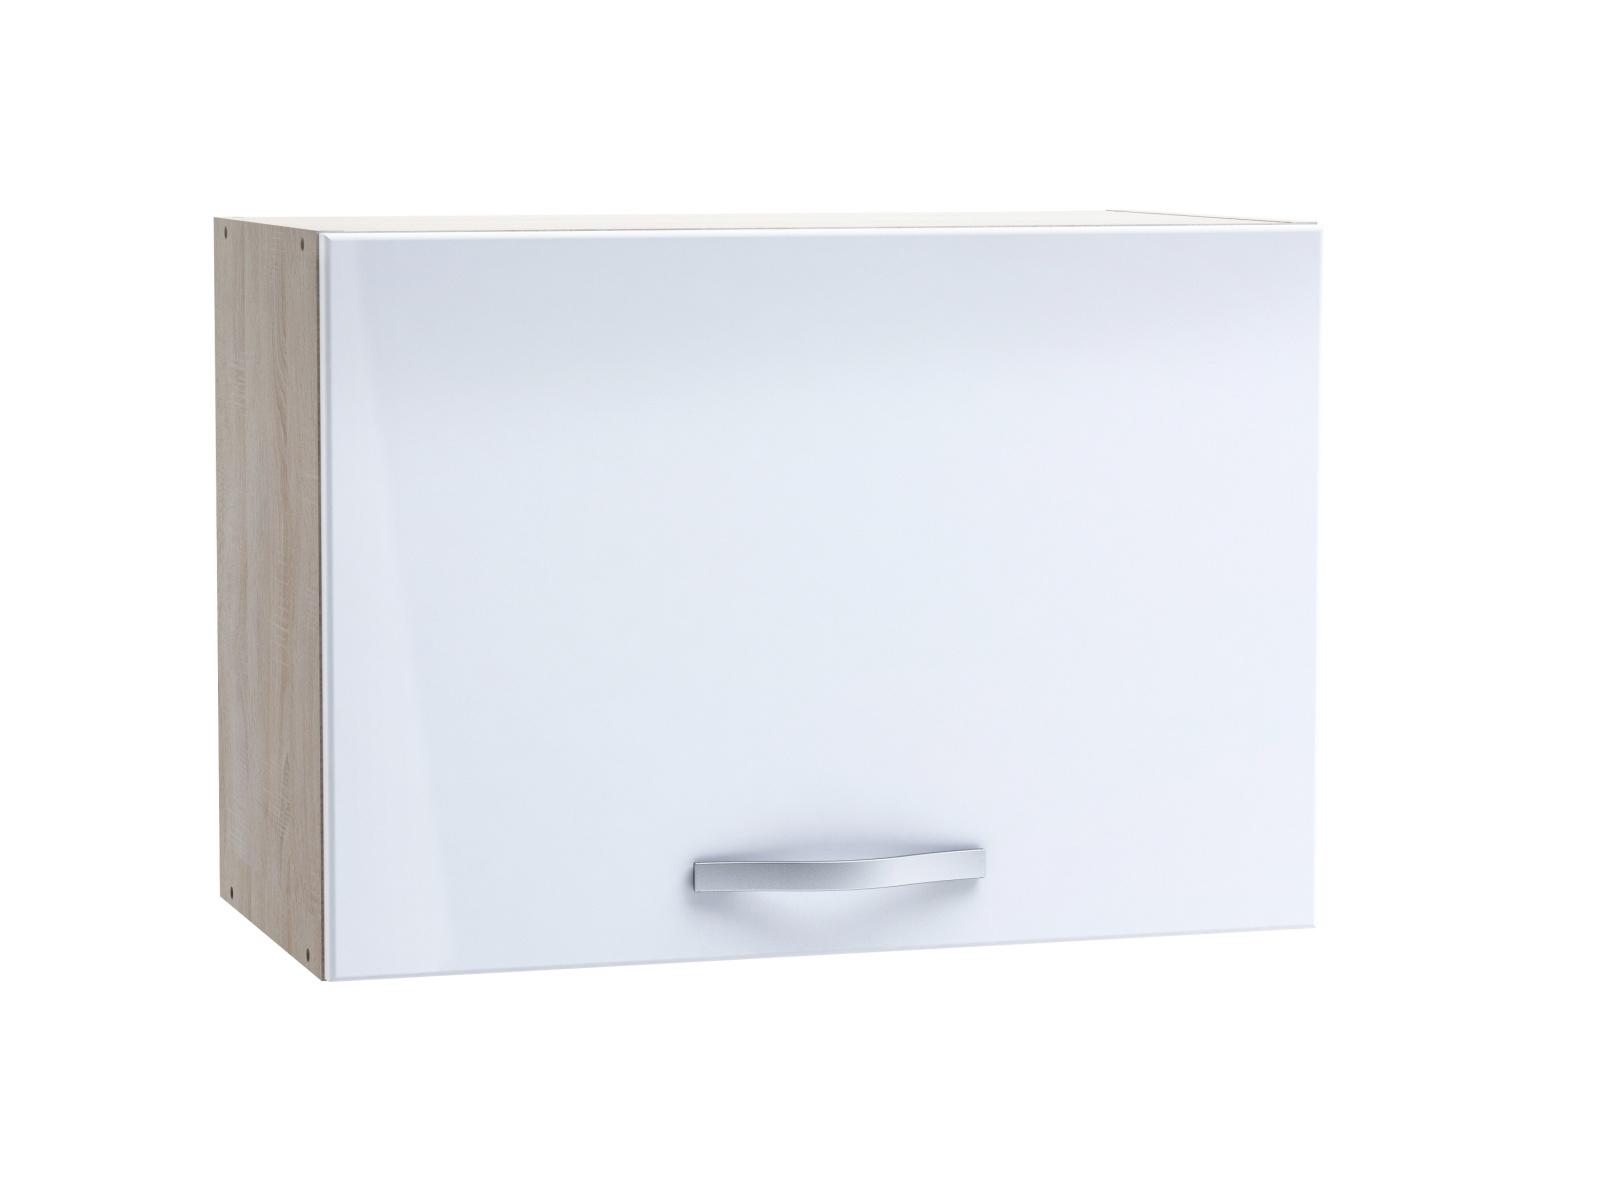 CHANTILY, skříňka výklopná 60 cm, bílý lesk